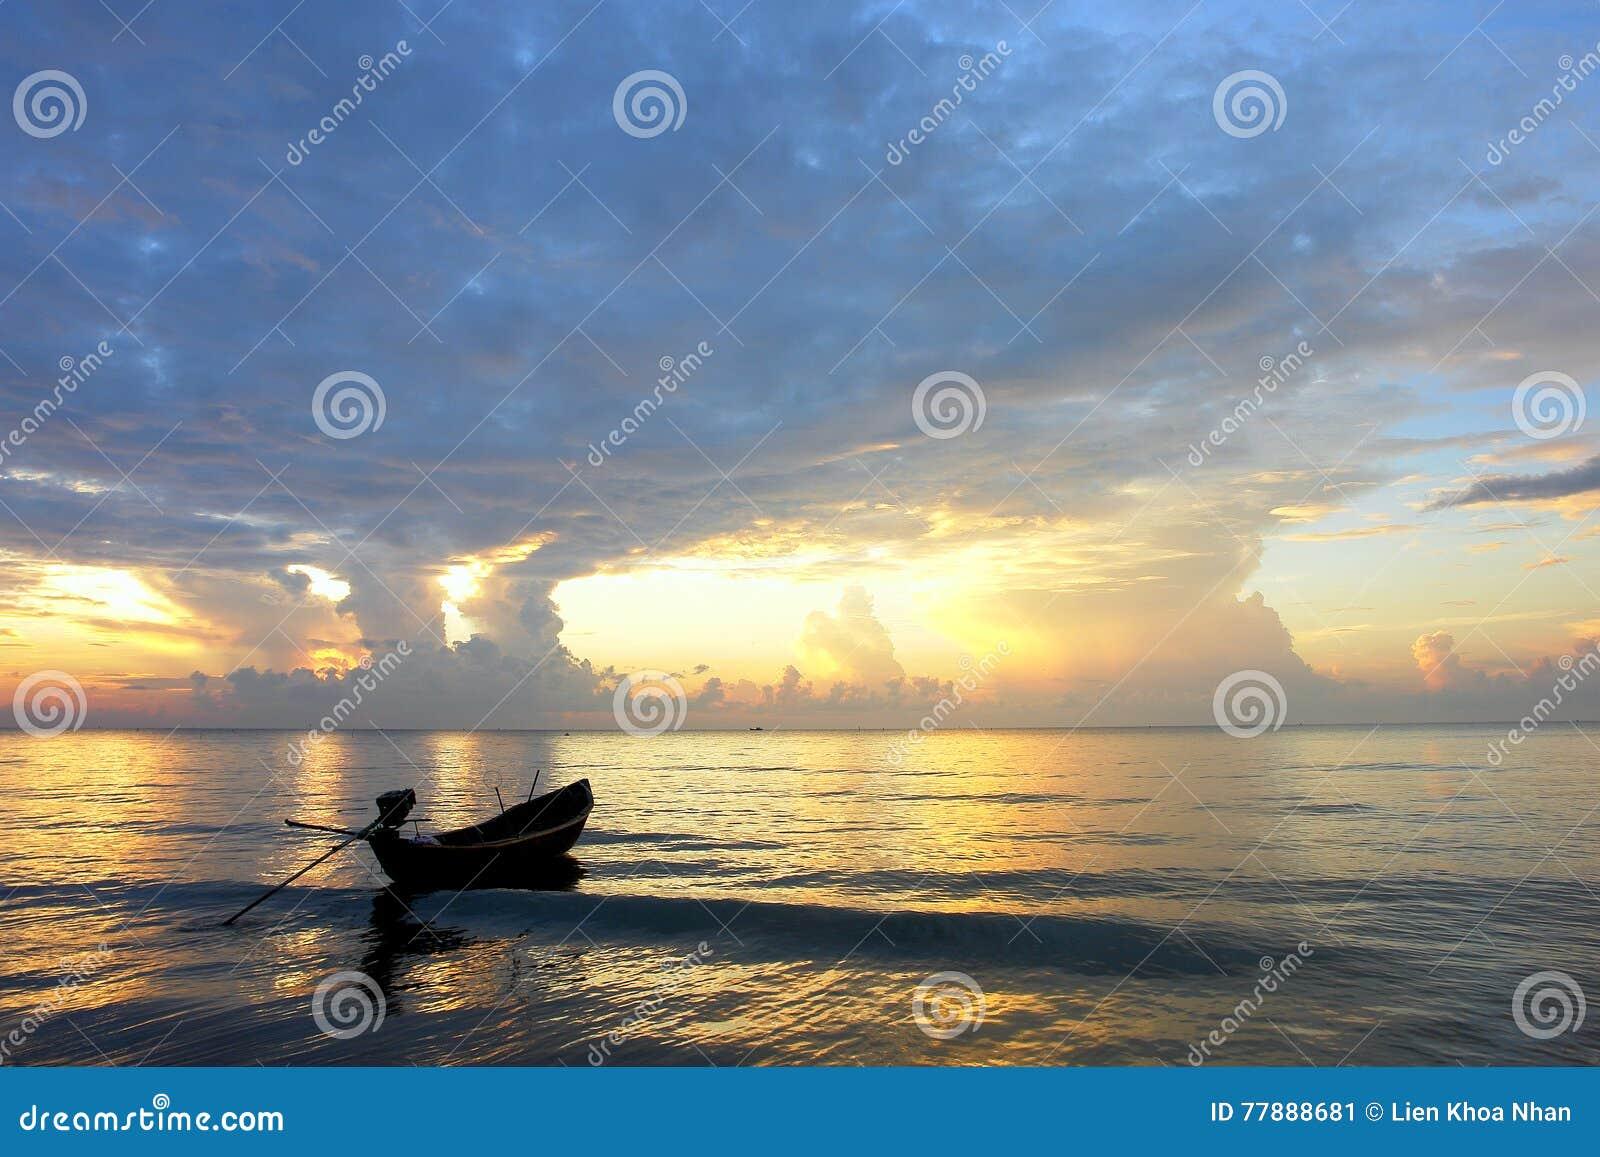 Un Barco Emty En El Amanecer Foto de archivo